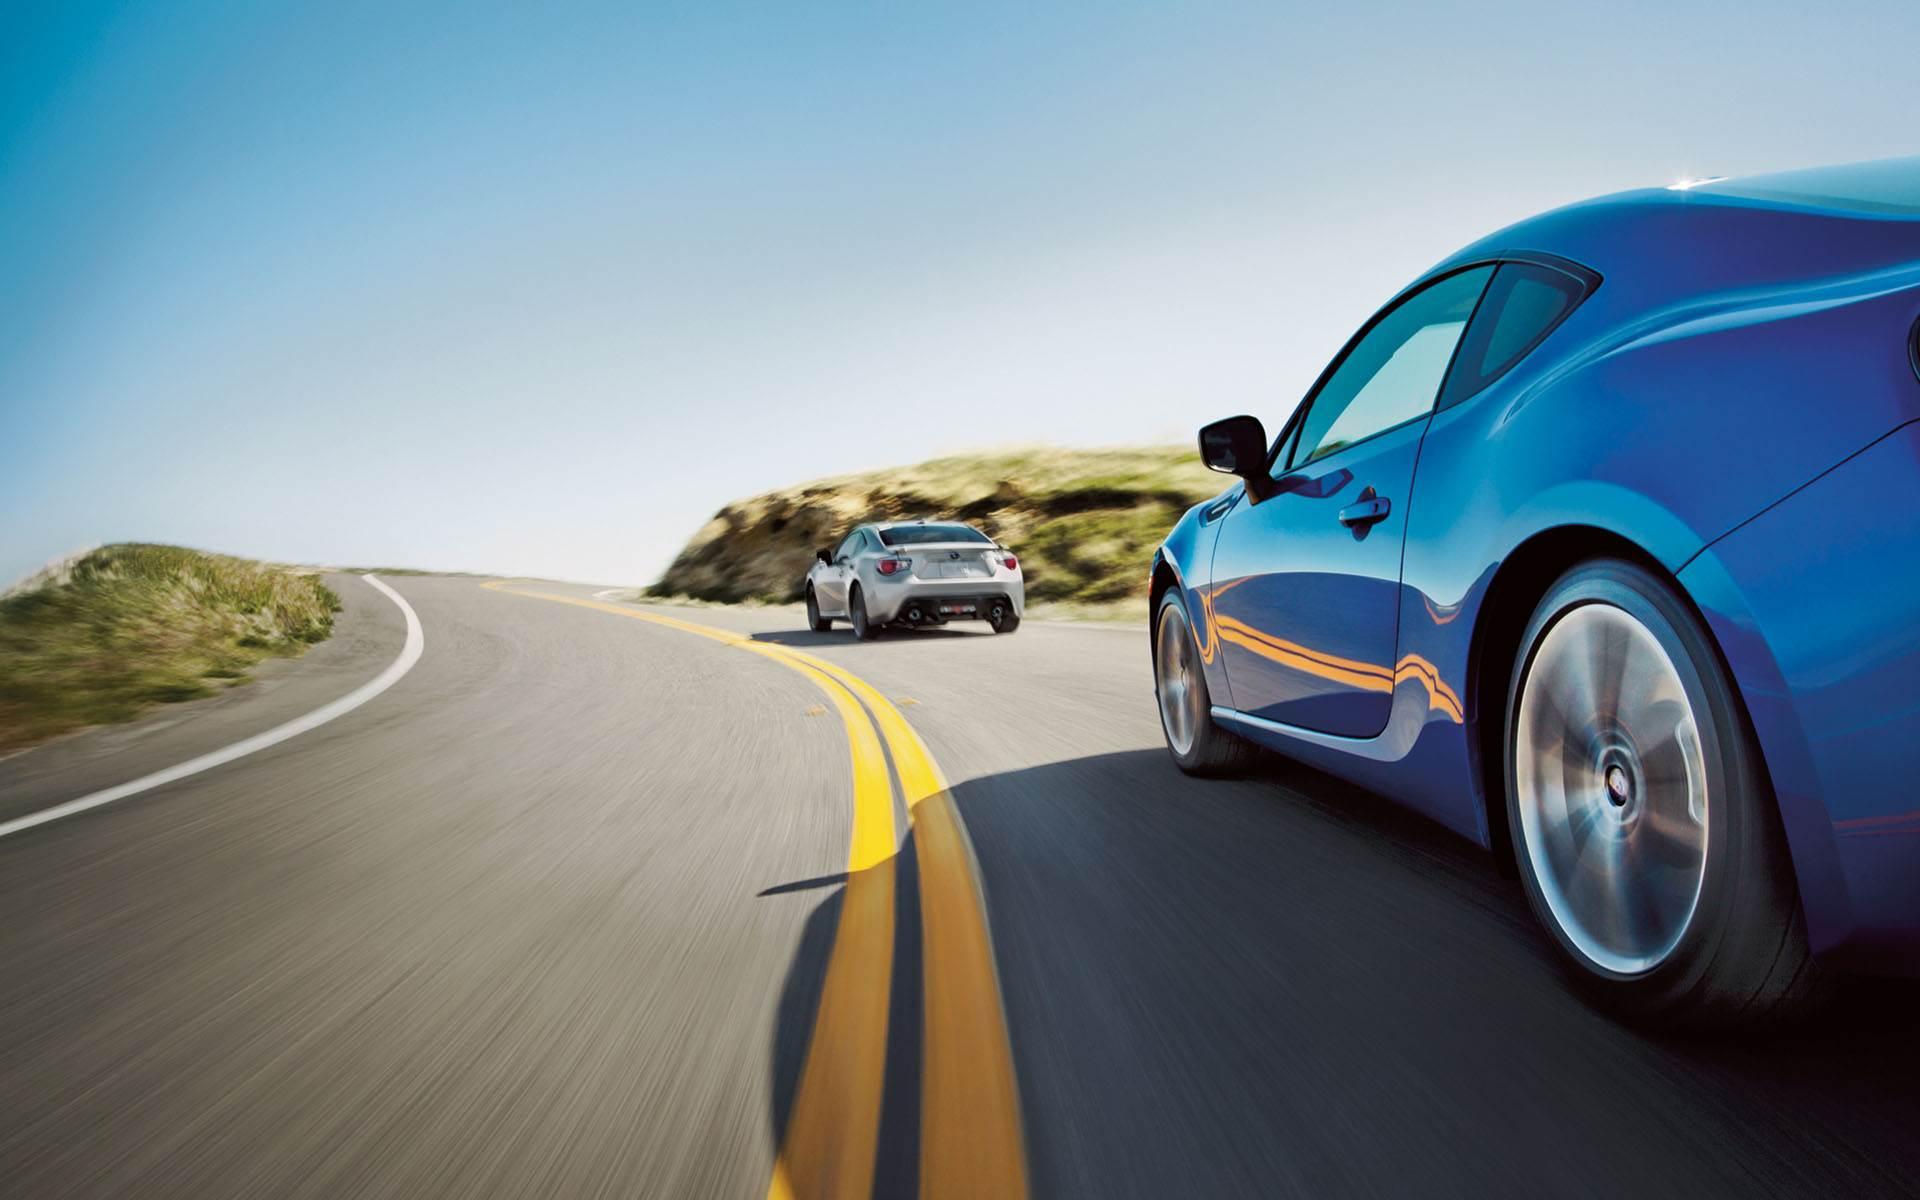 Subaru Oil Change Service Specials Deals Commerce Township Mi